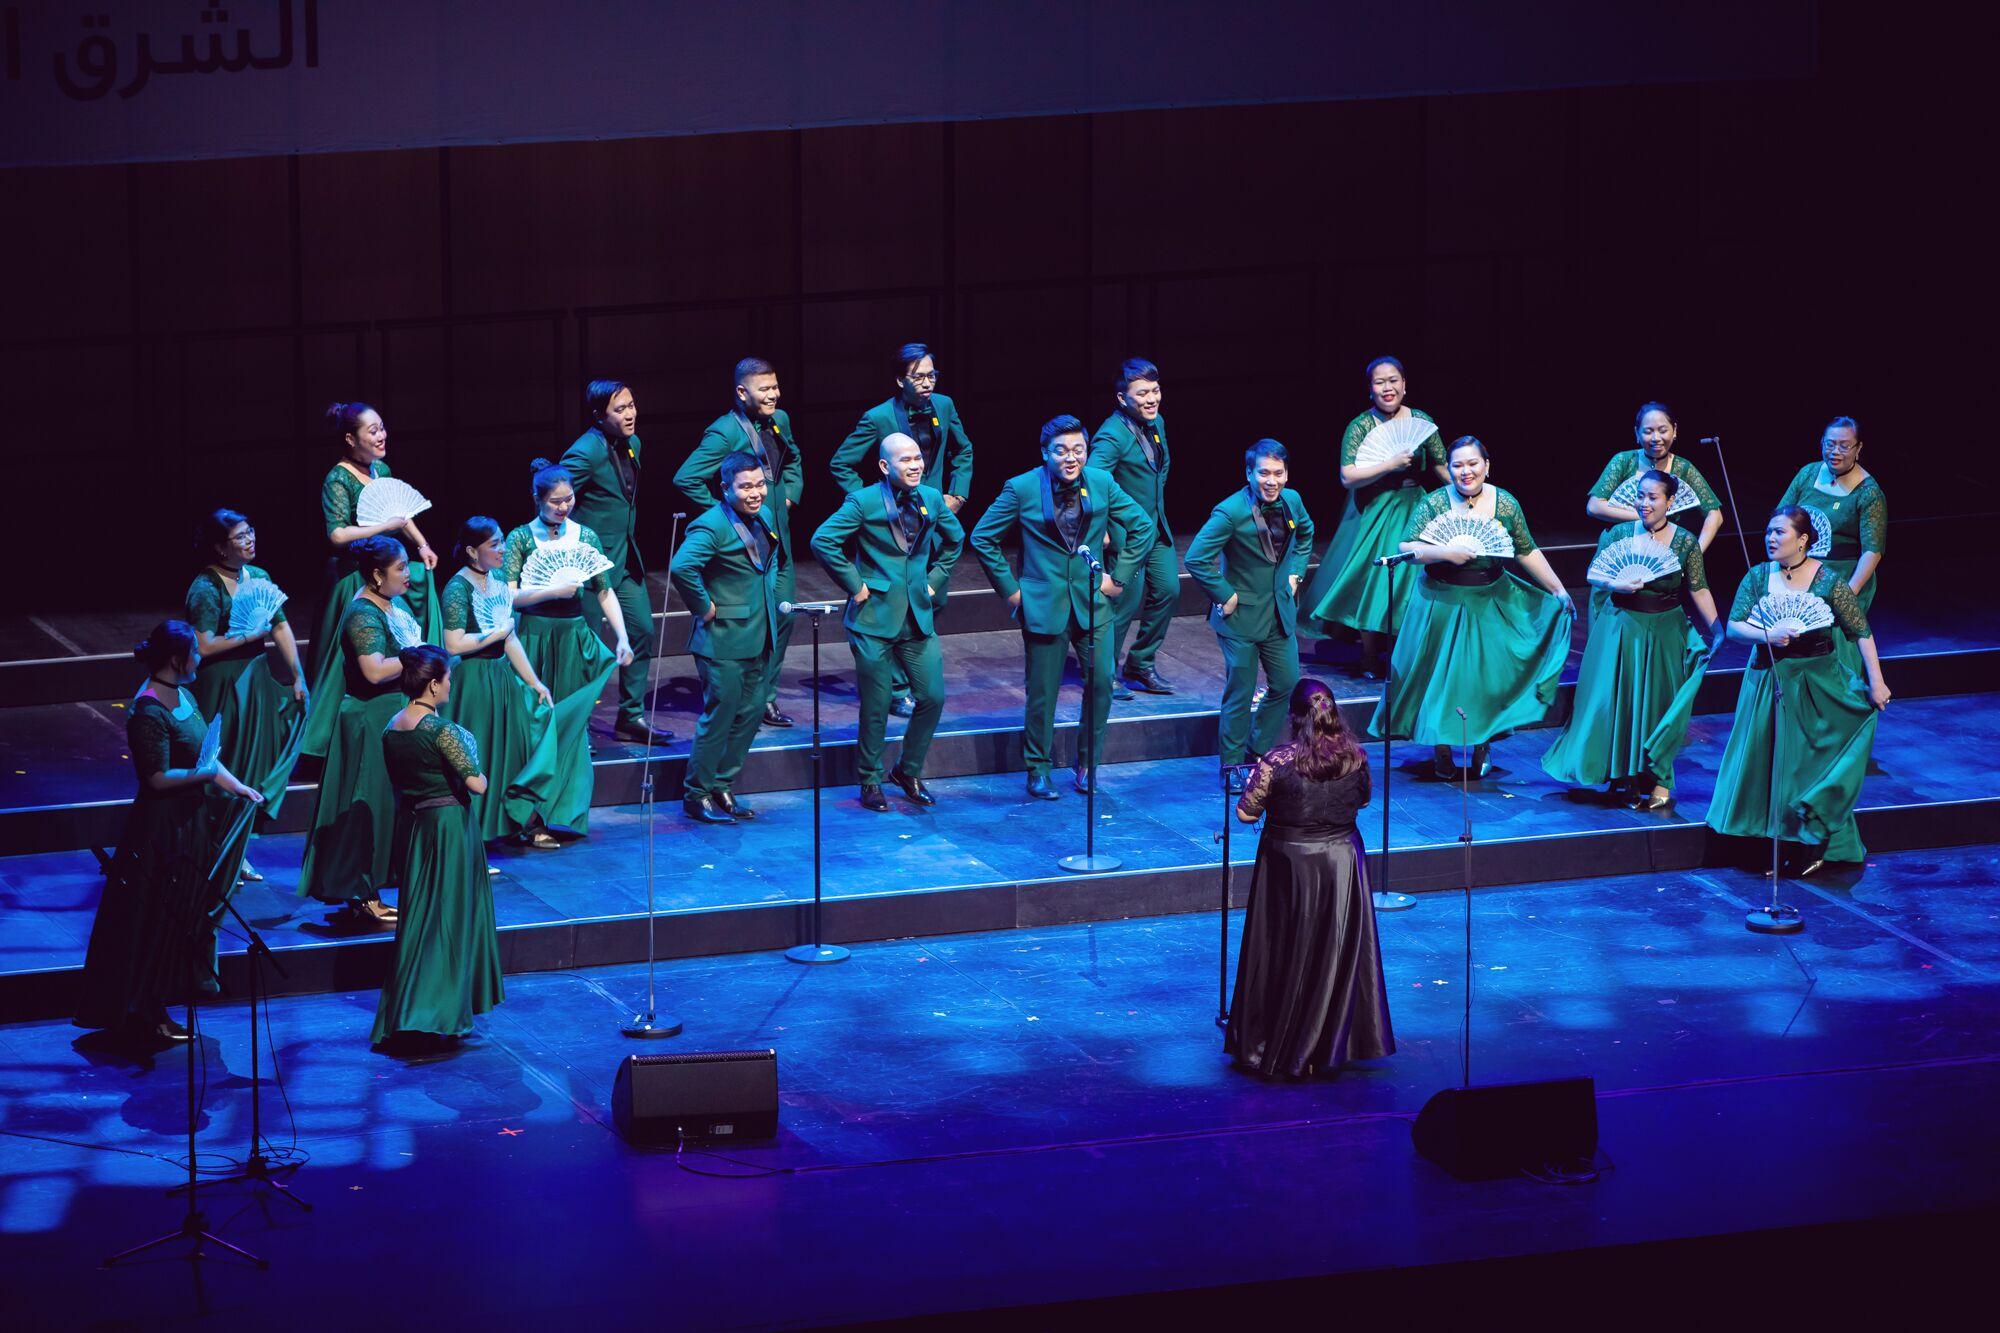 ChoirfestME 2020